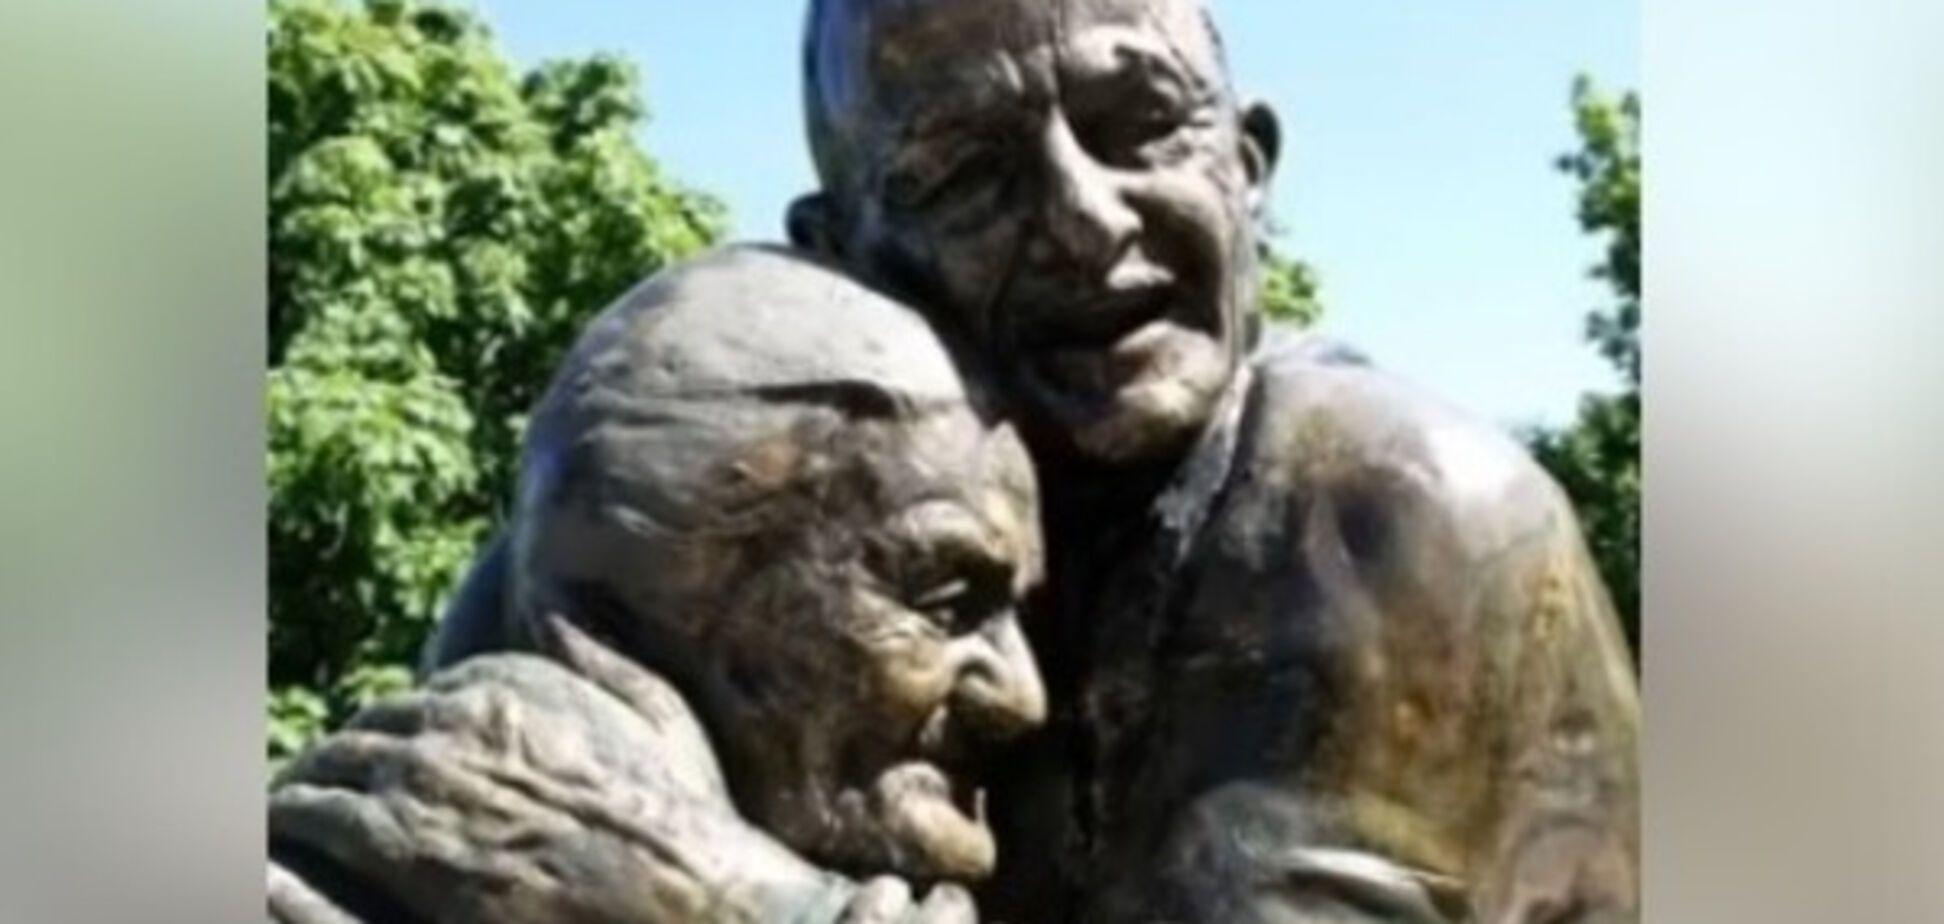 Памятник влюбленным в Мариинском парке